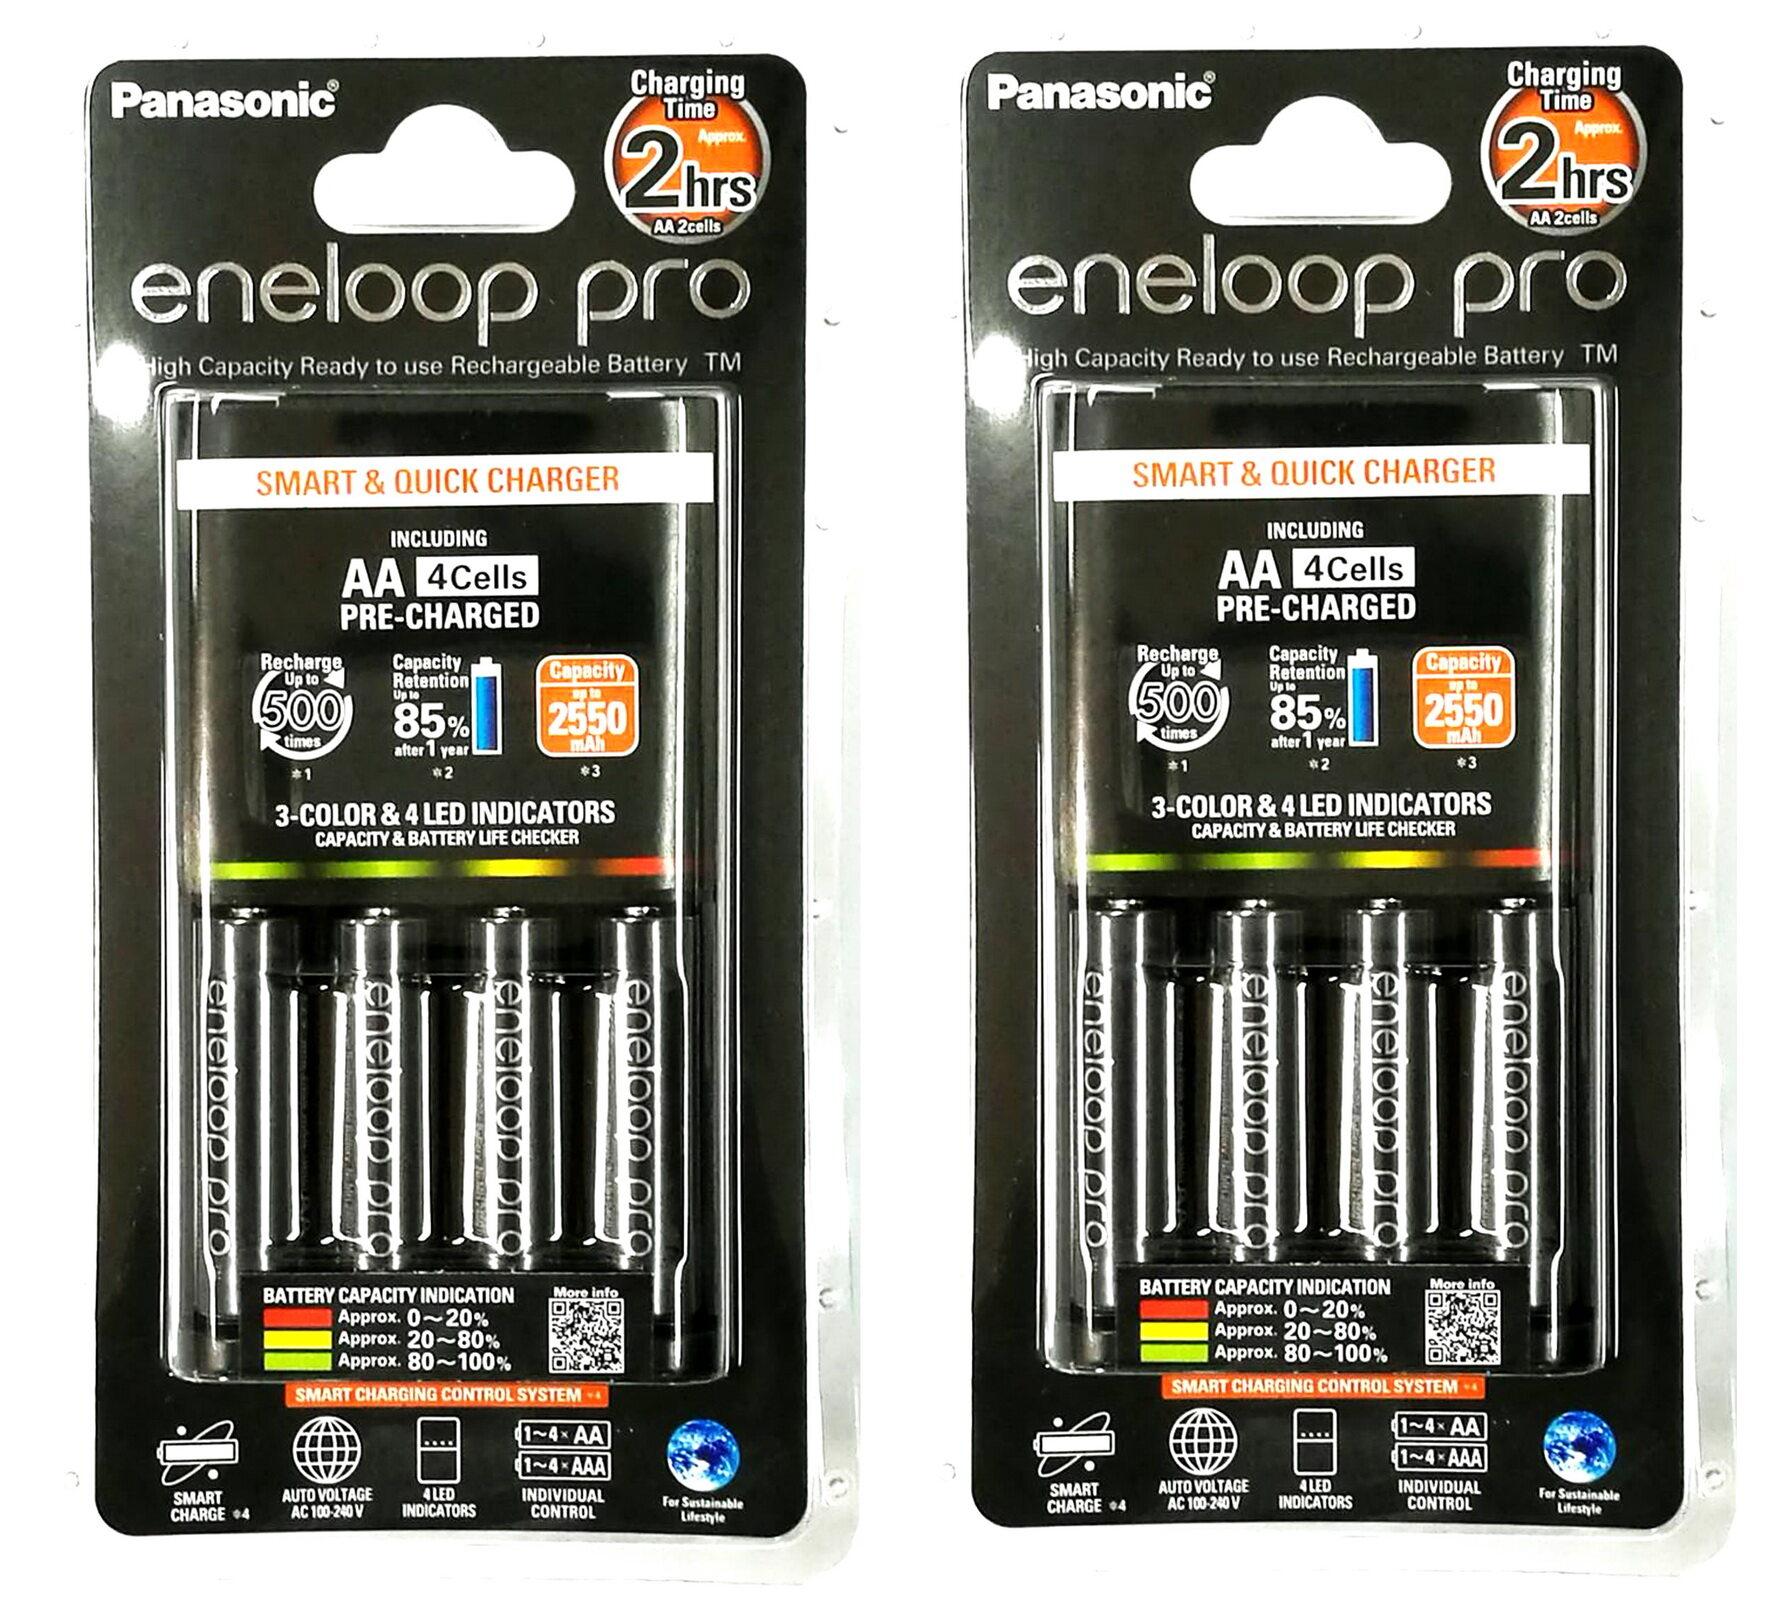 Panasonic Eneloop Pro Battery Charger AA x 4 (2550 mAh) แท่นชาร์จแบบ Quick + ถ่านชาร์จ 4 ก้อน 2ชุด